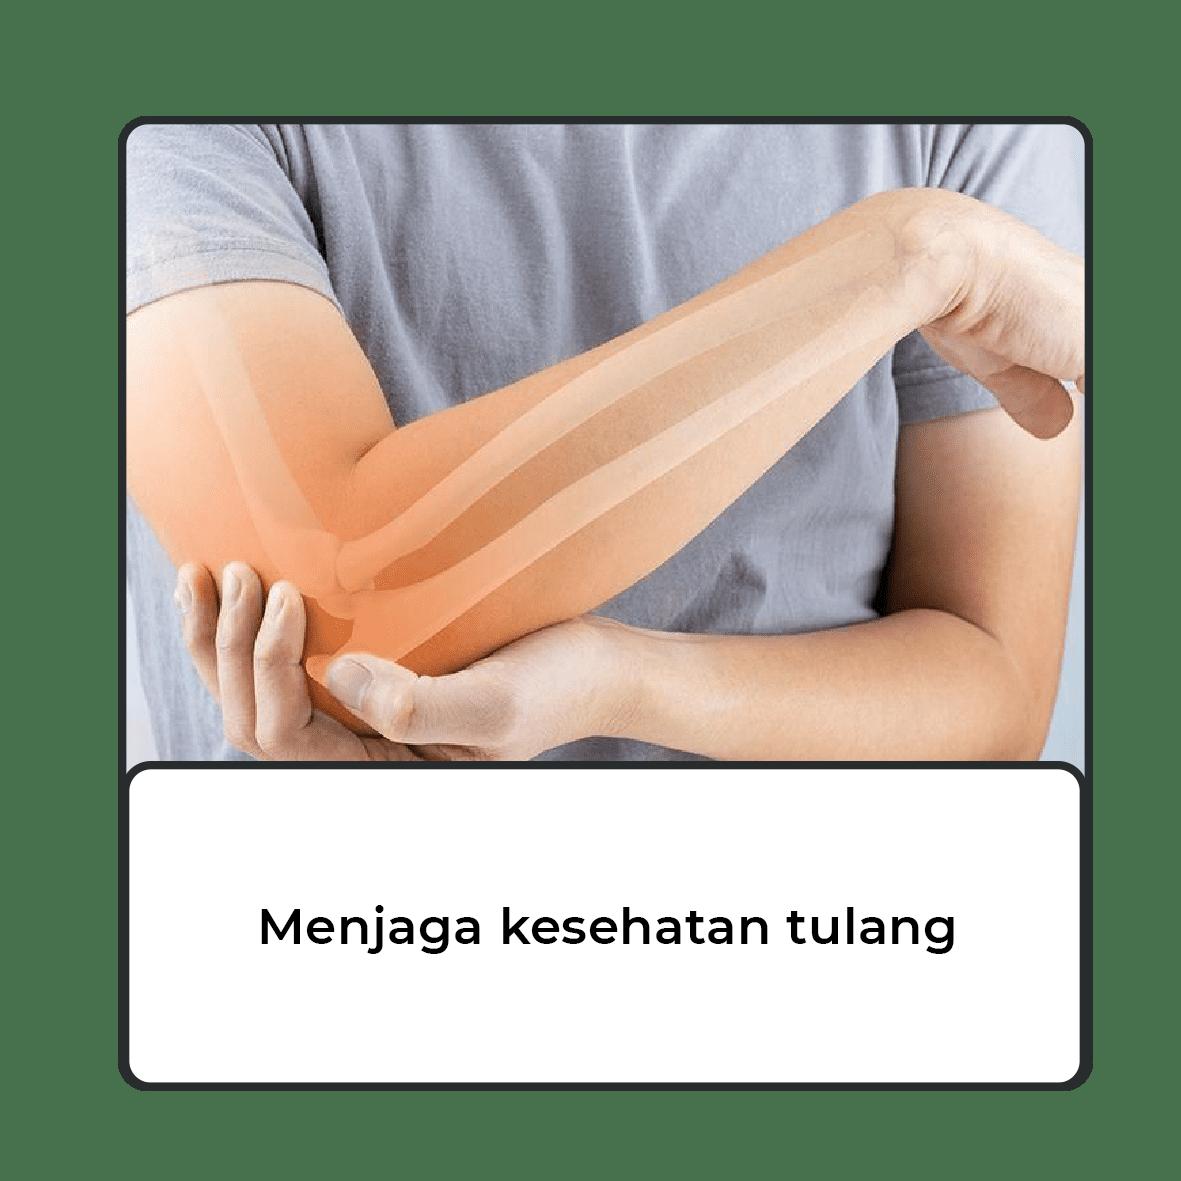 safeeya-manfaat4